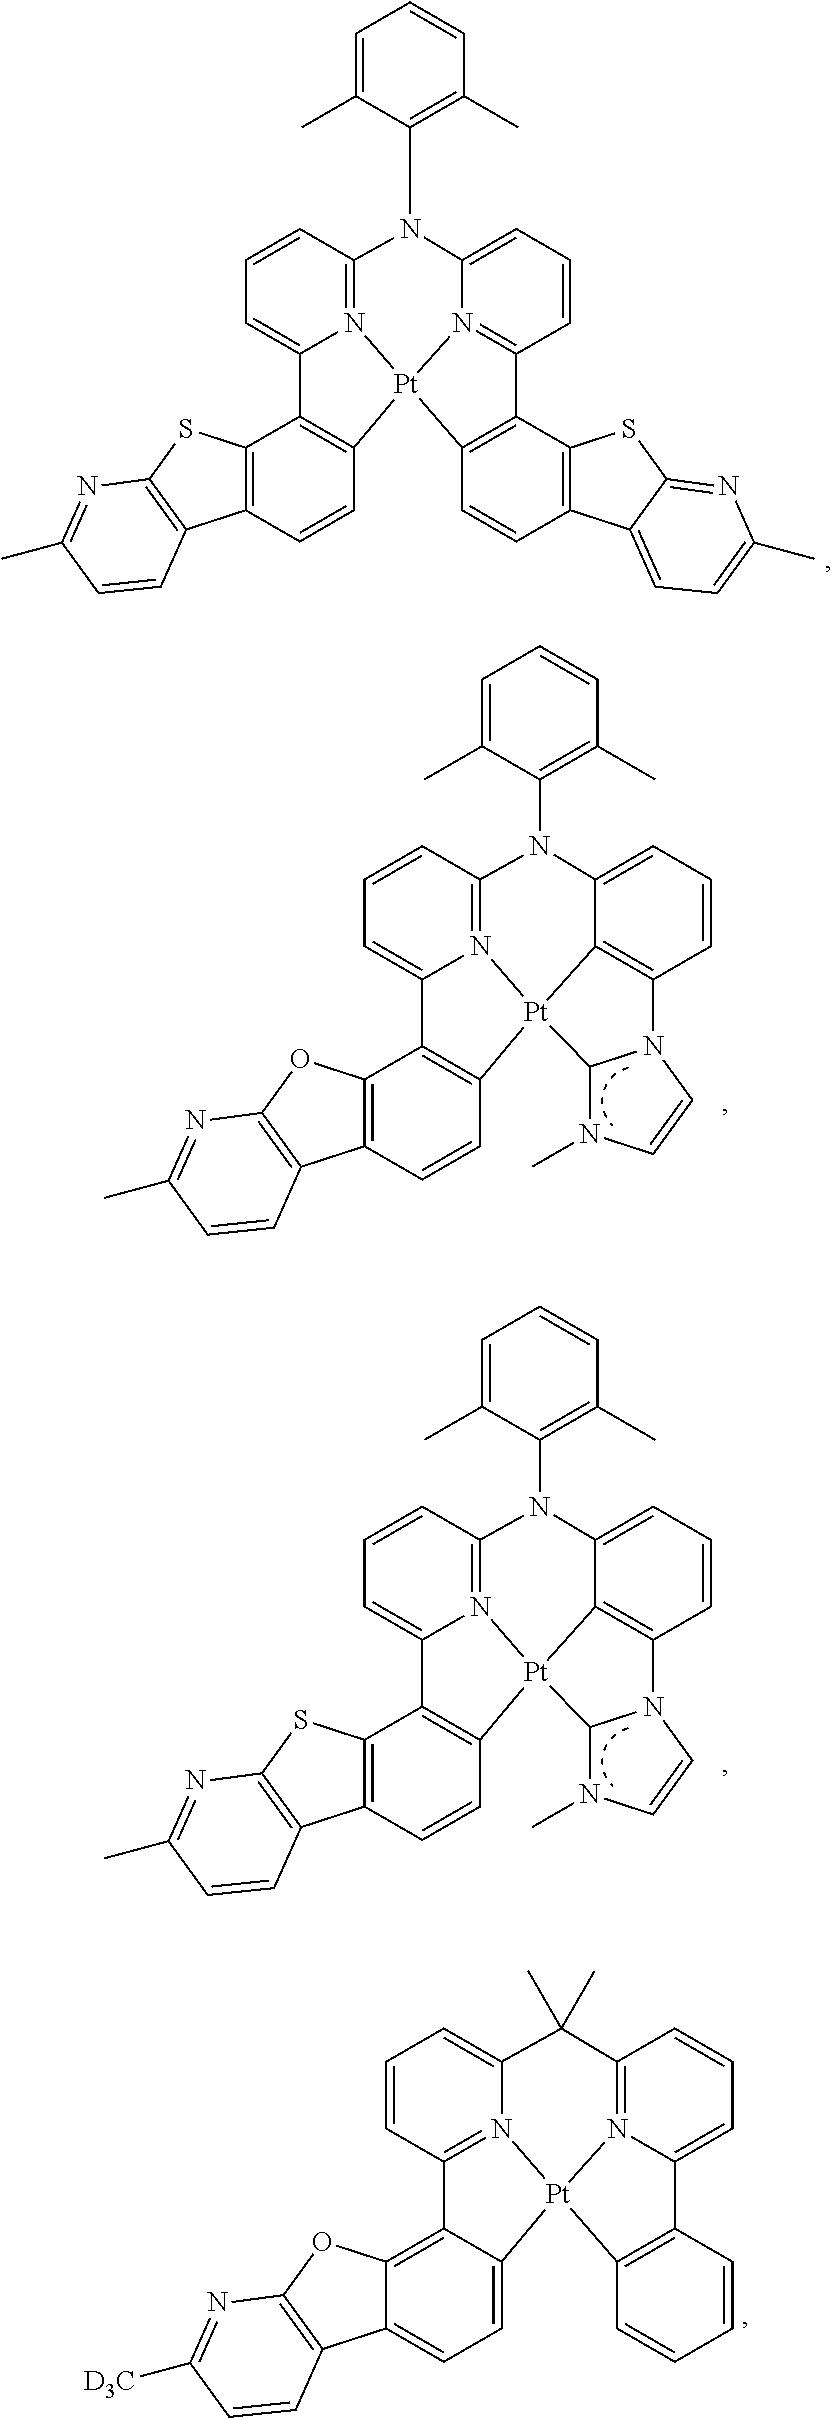 Figure US09871214-20180116-C00314